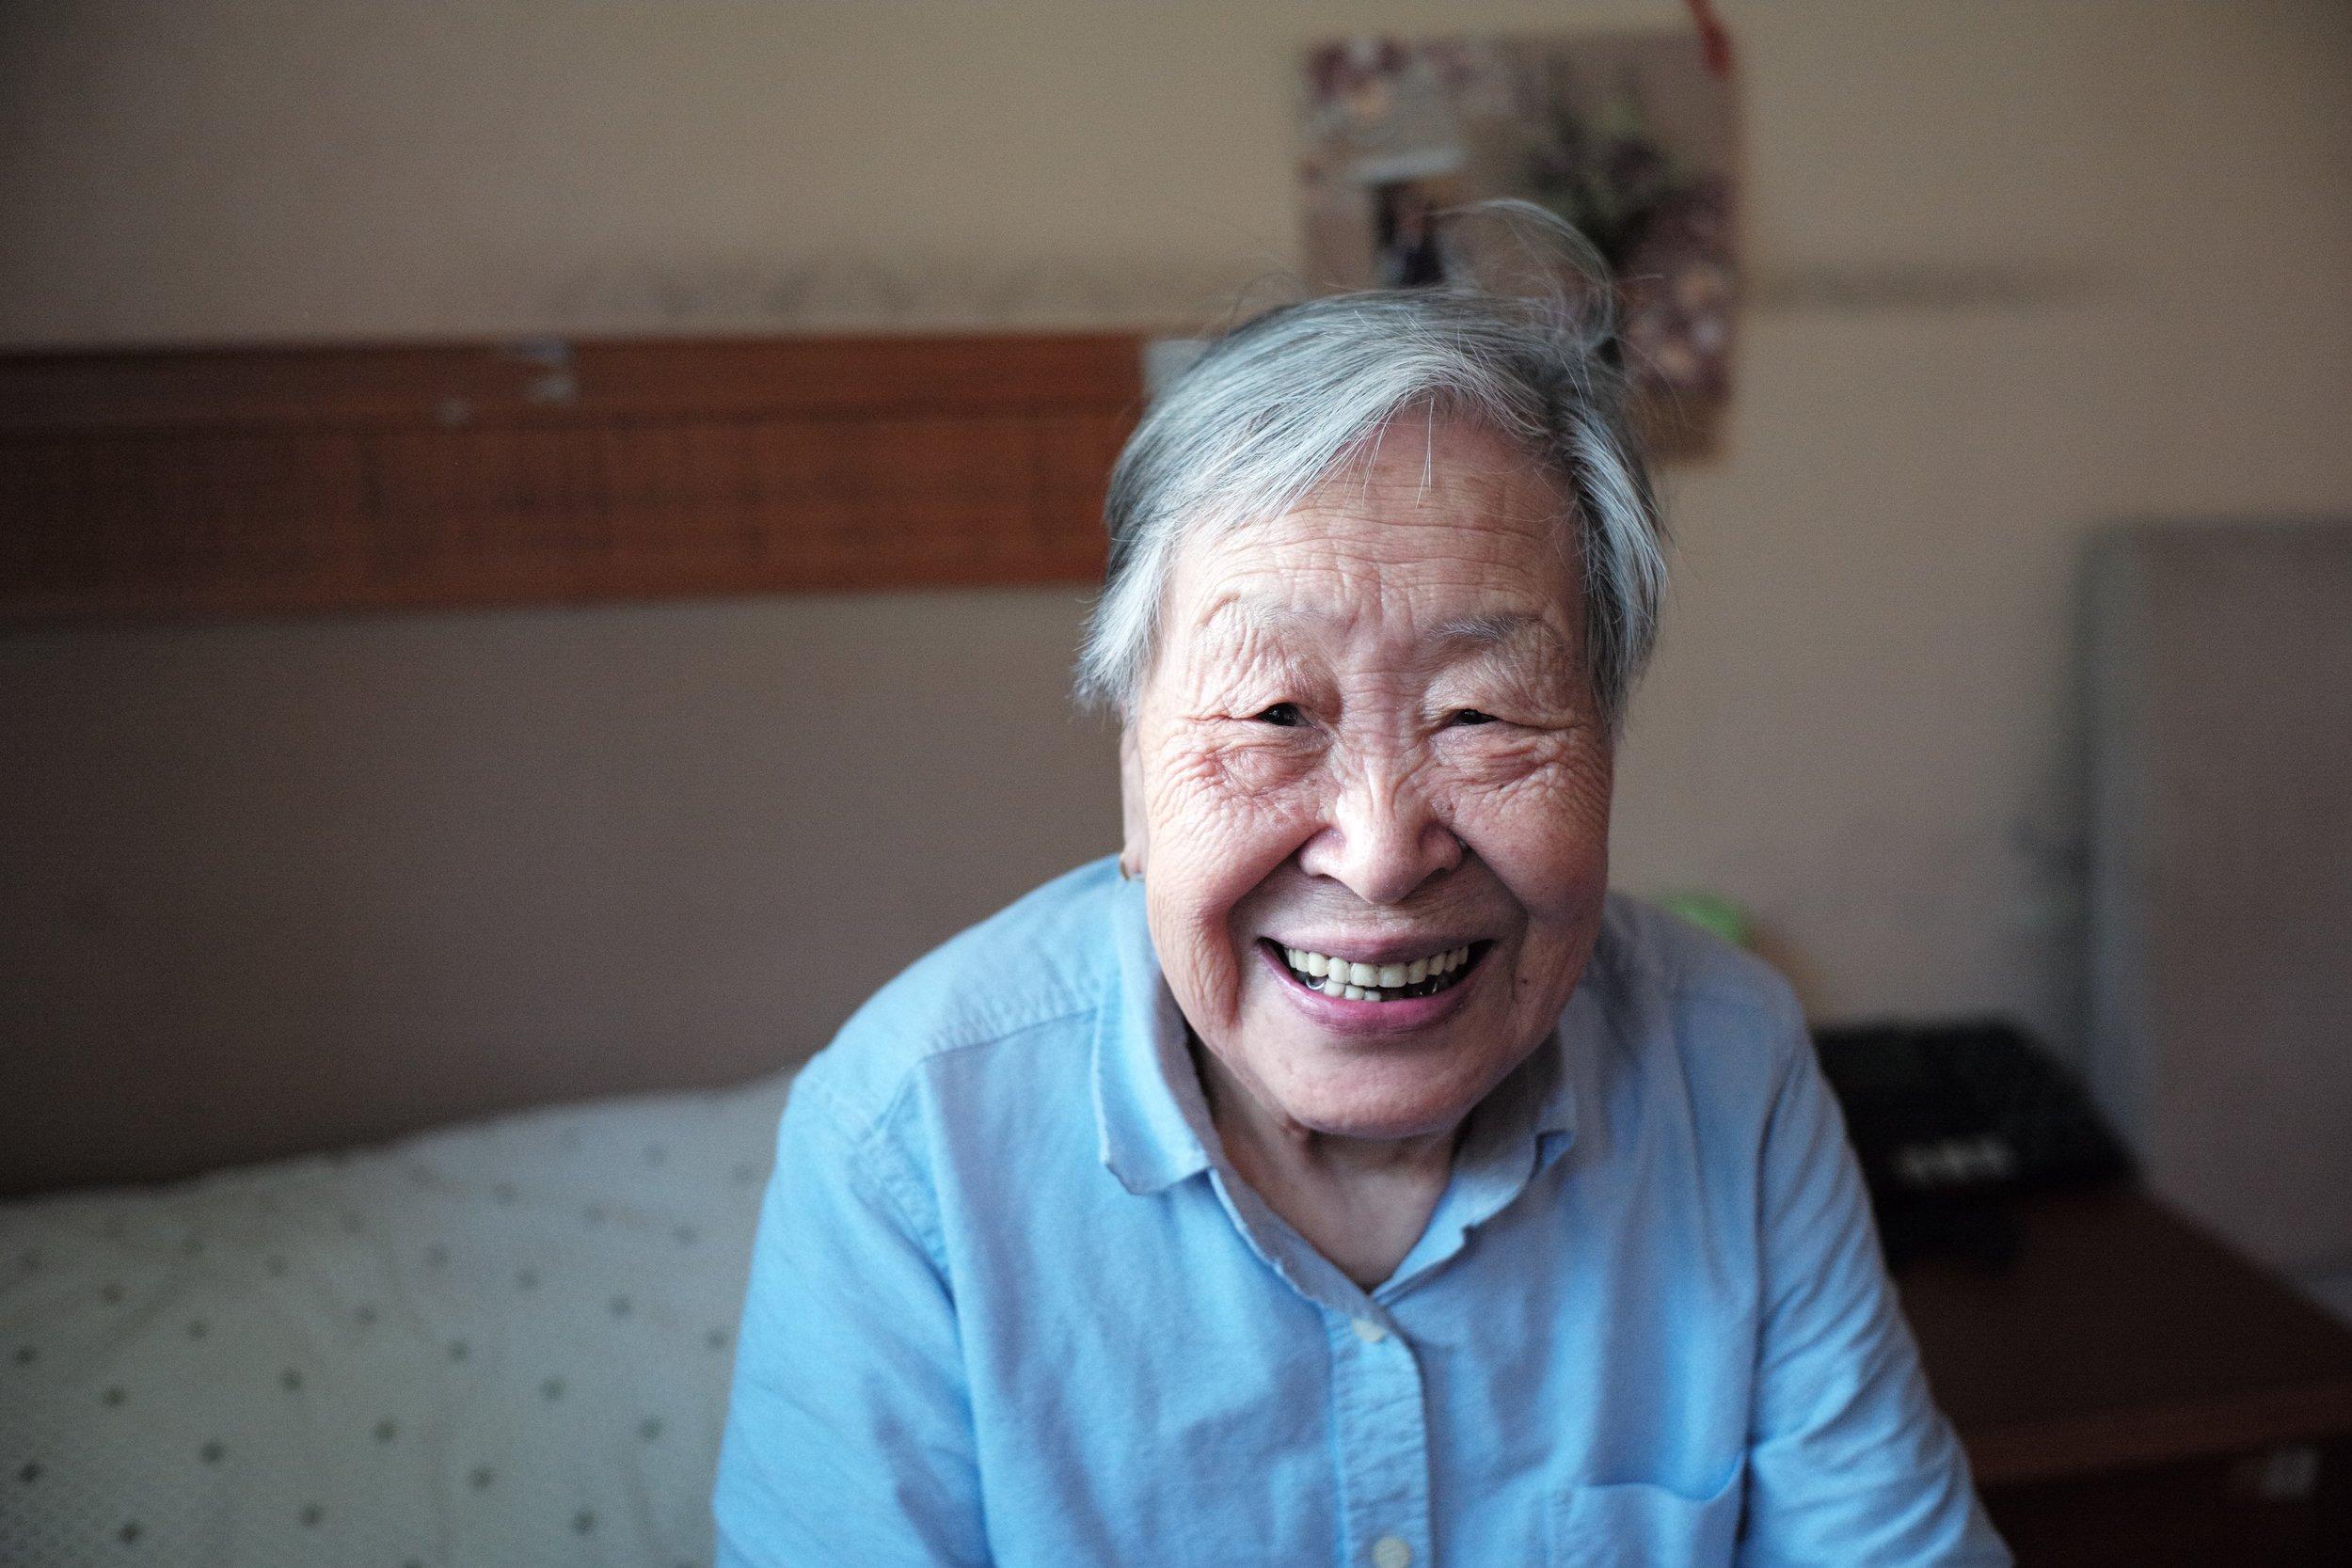 jixiao-huang-I1Plc-FAAnQ-unsplash.jpg